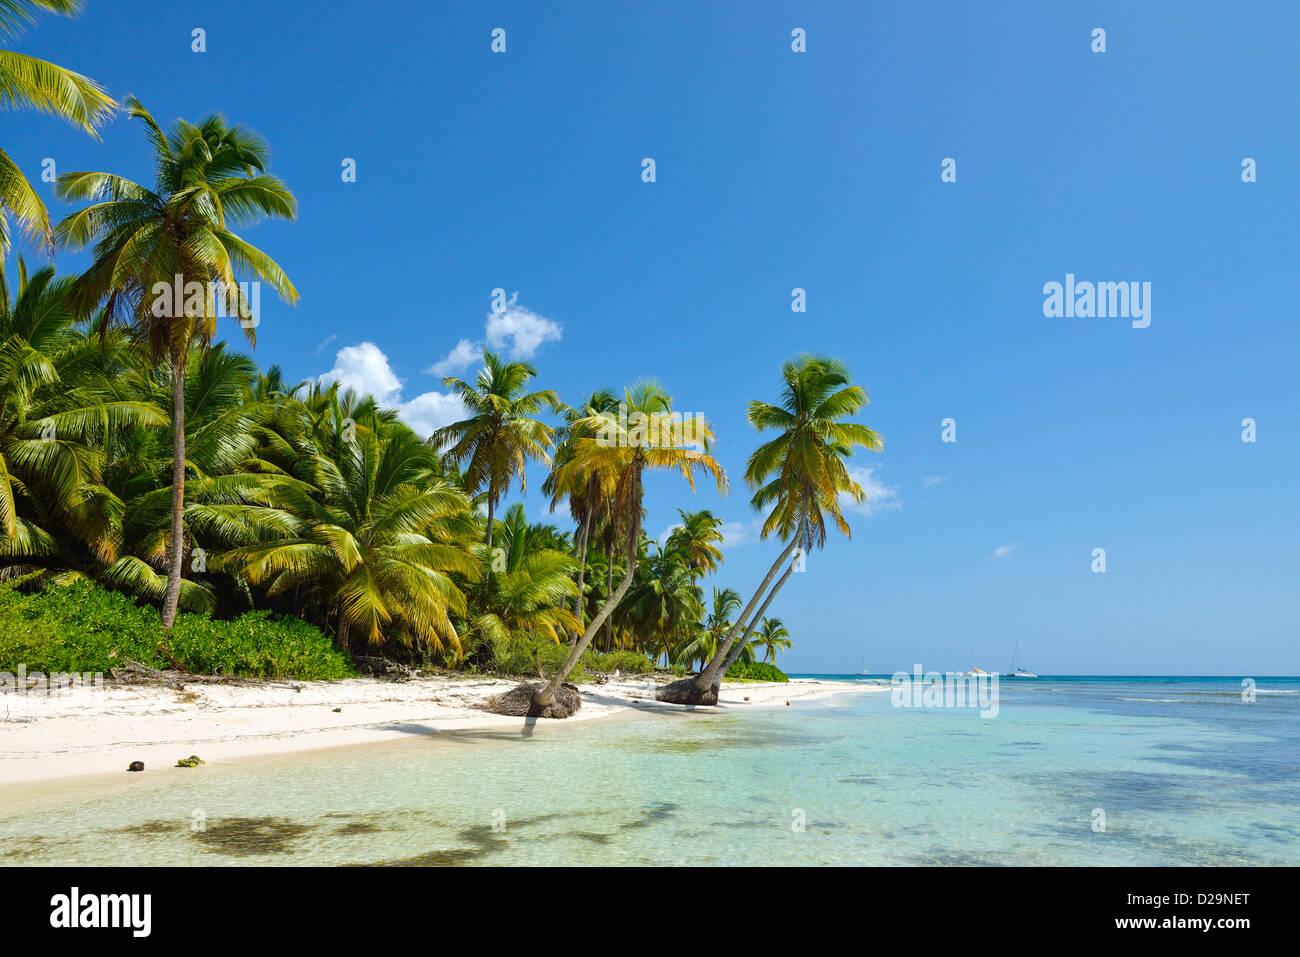 L'île de Saona, en République Dominicaine, Caraïbes Photo Stock